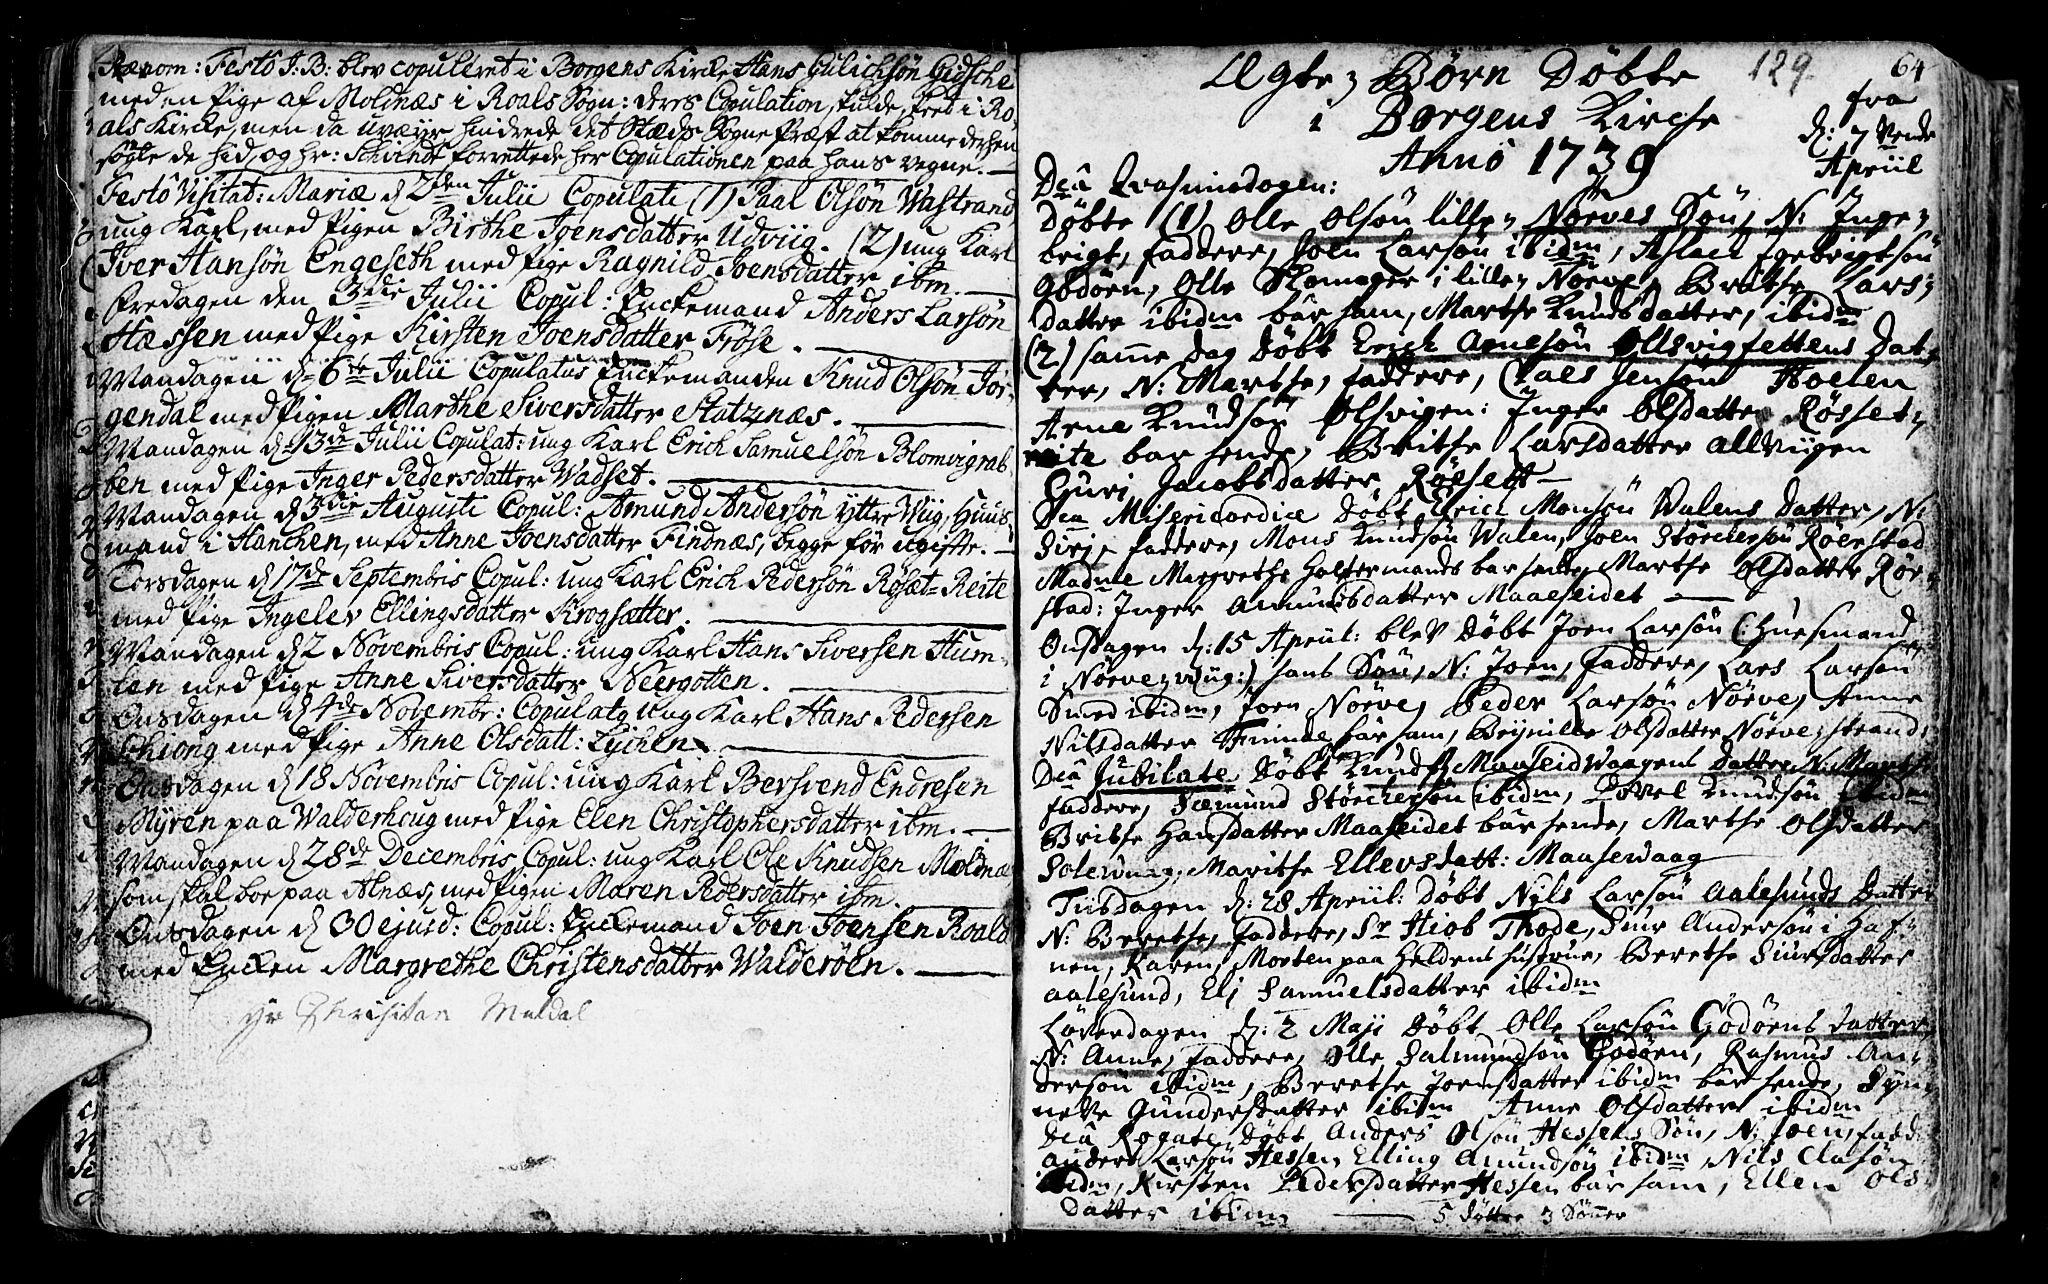 SAT, Ministerialprotokoller, klokkerbøker og fødselsregistre - Møre og Romsdal, 528/L0391: Parish register (official) no. 528A02, 1739-1761